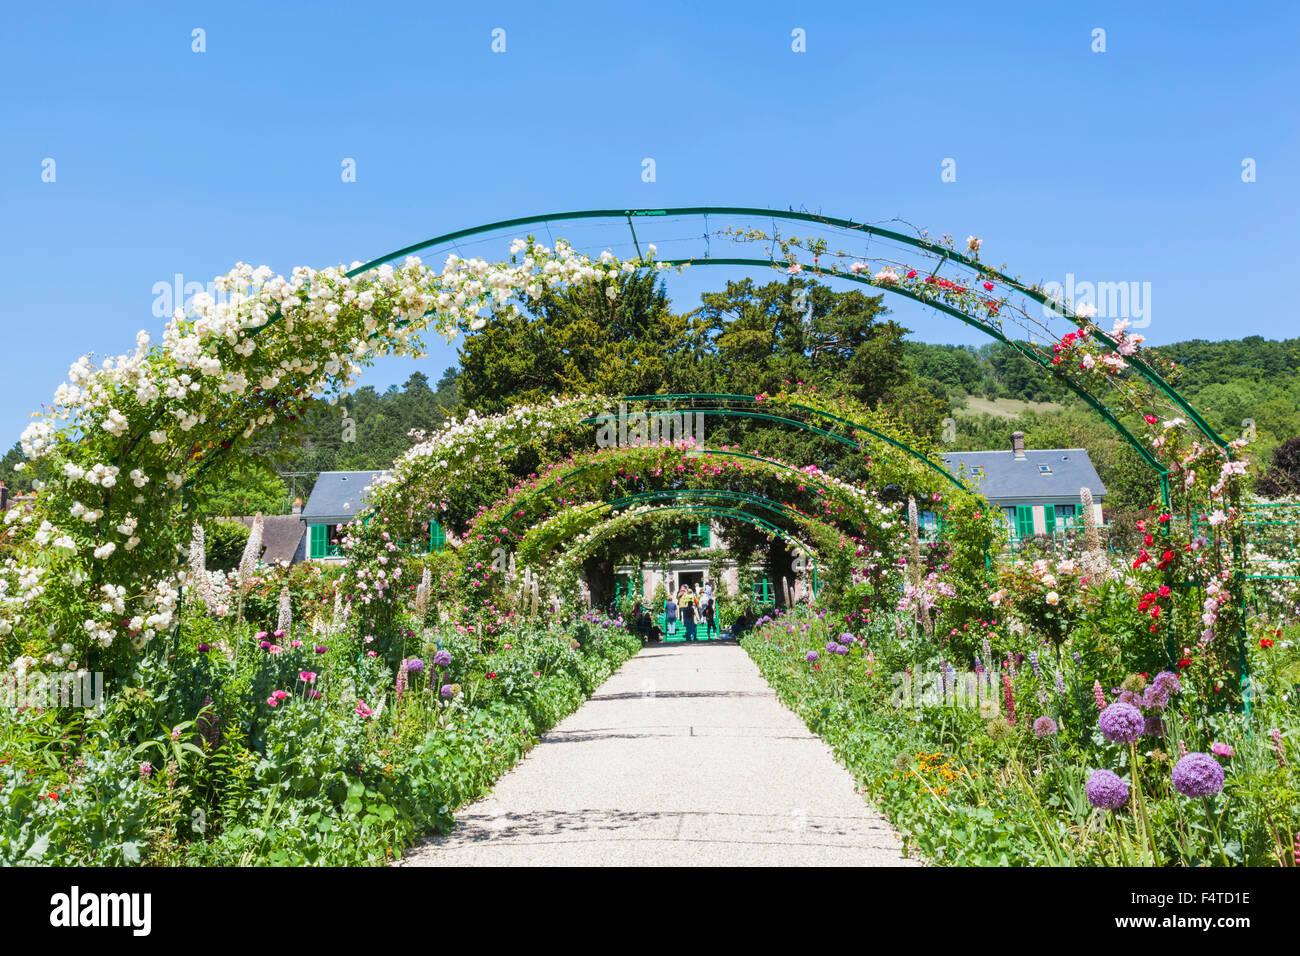 France, Normandie, Giverny, la maison et le jardin de Monet Photo Stock